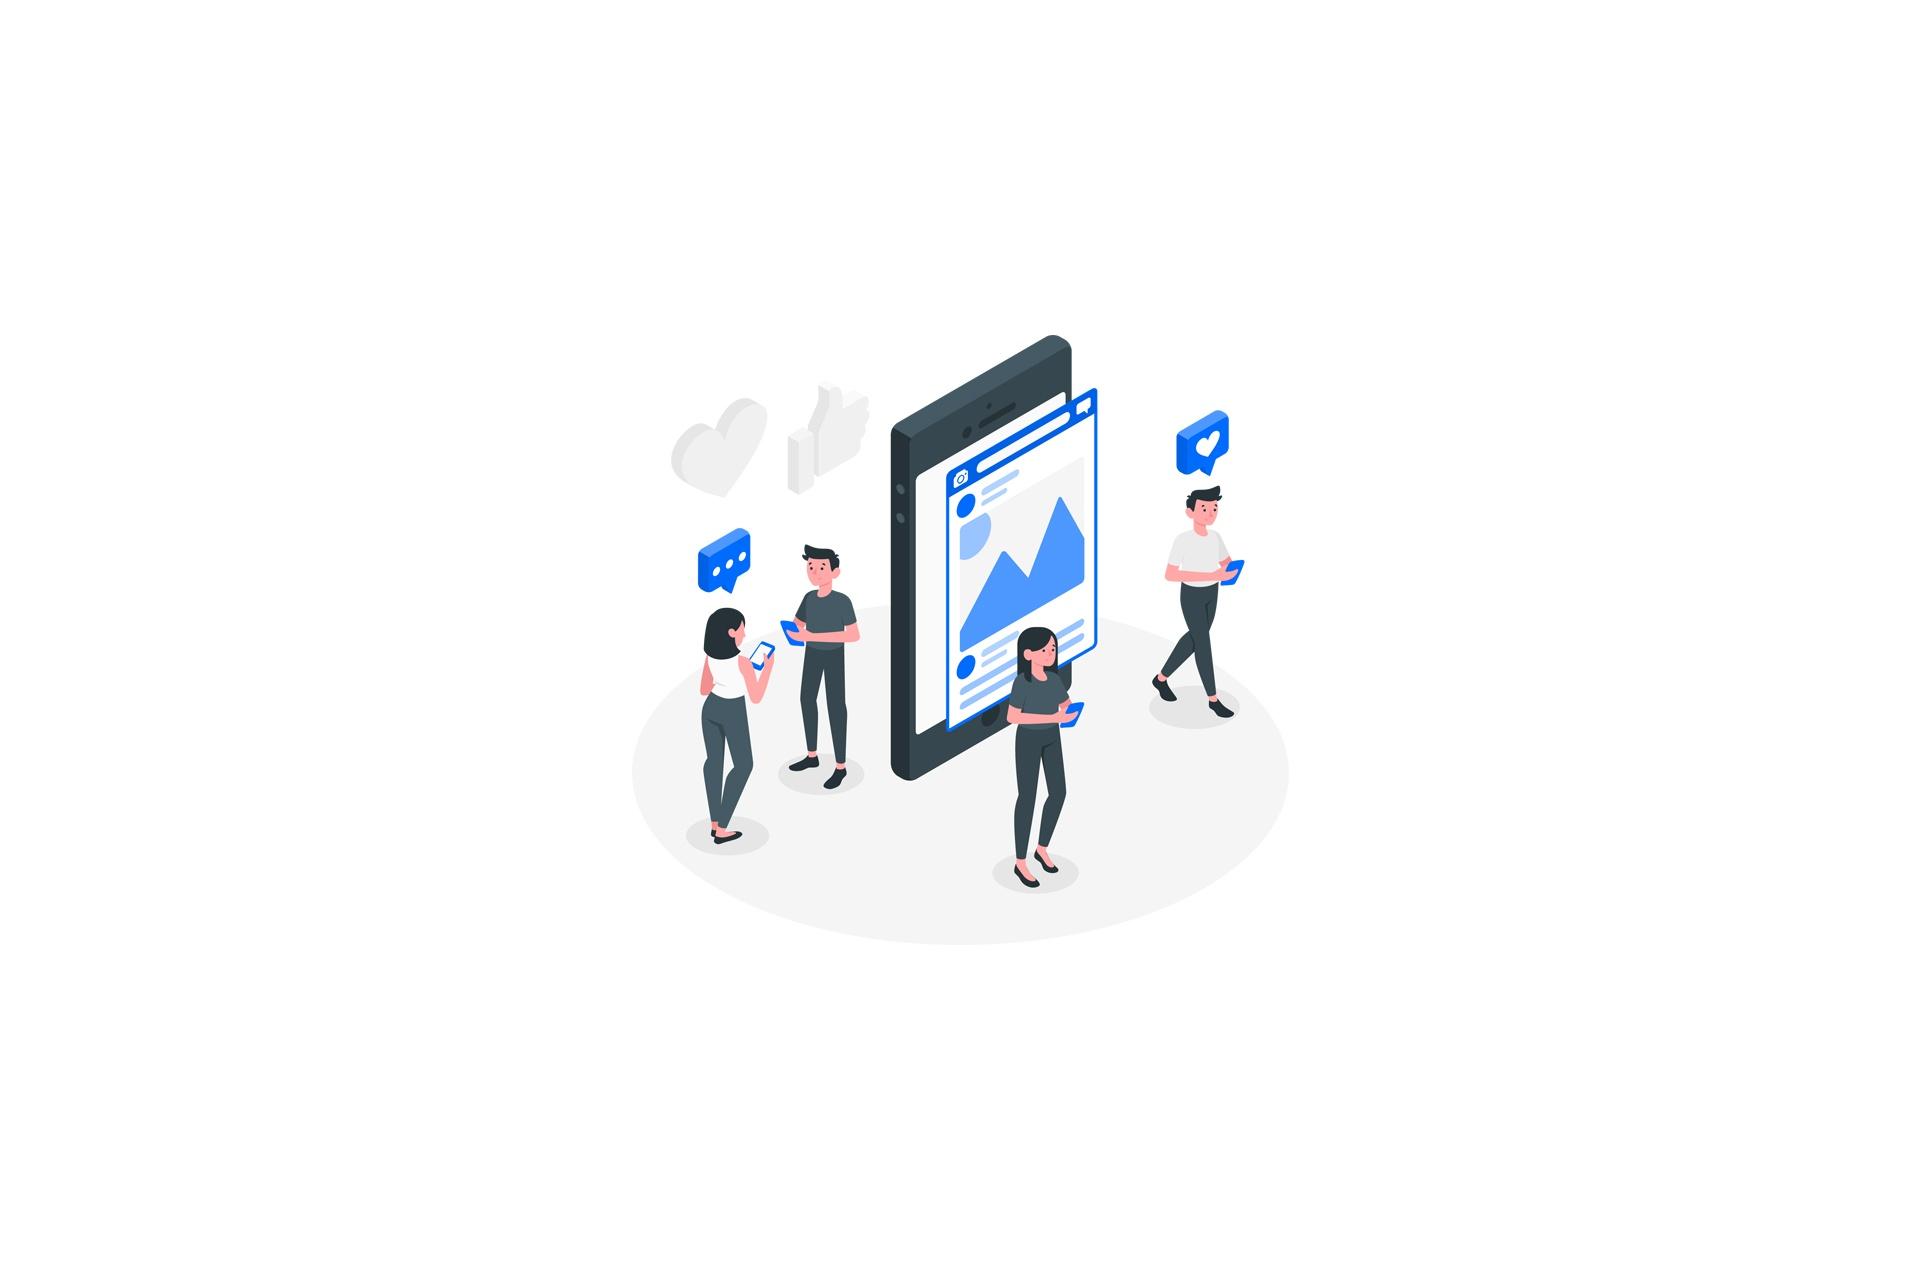 jasa sosial media management di batam